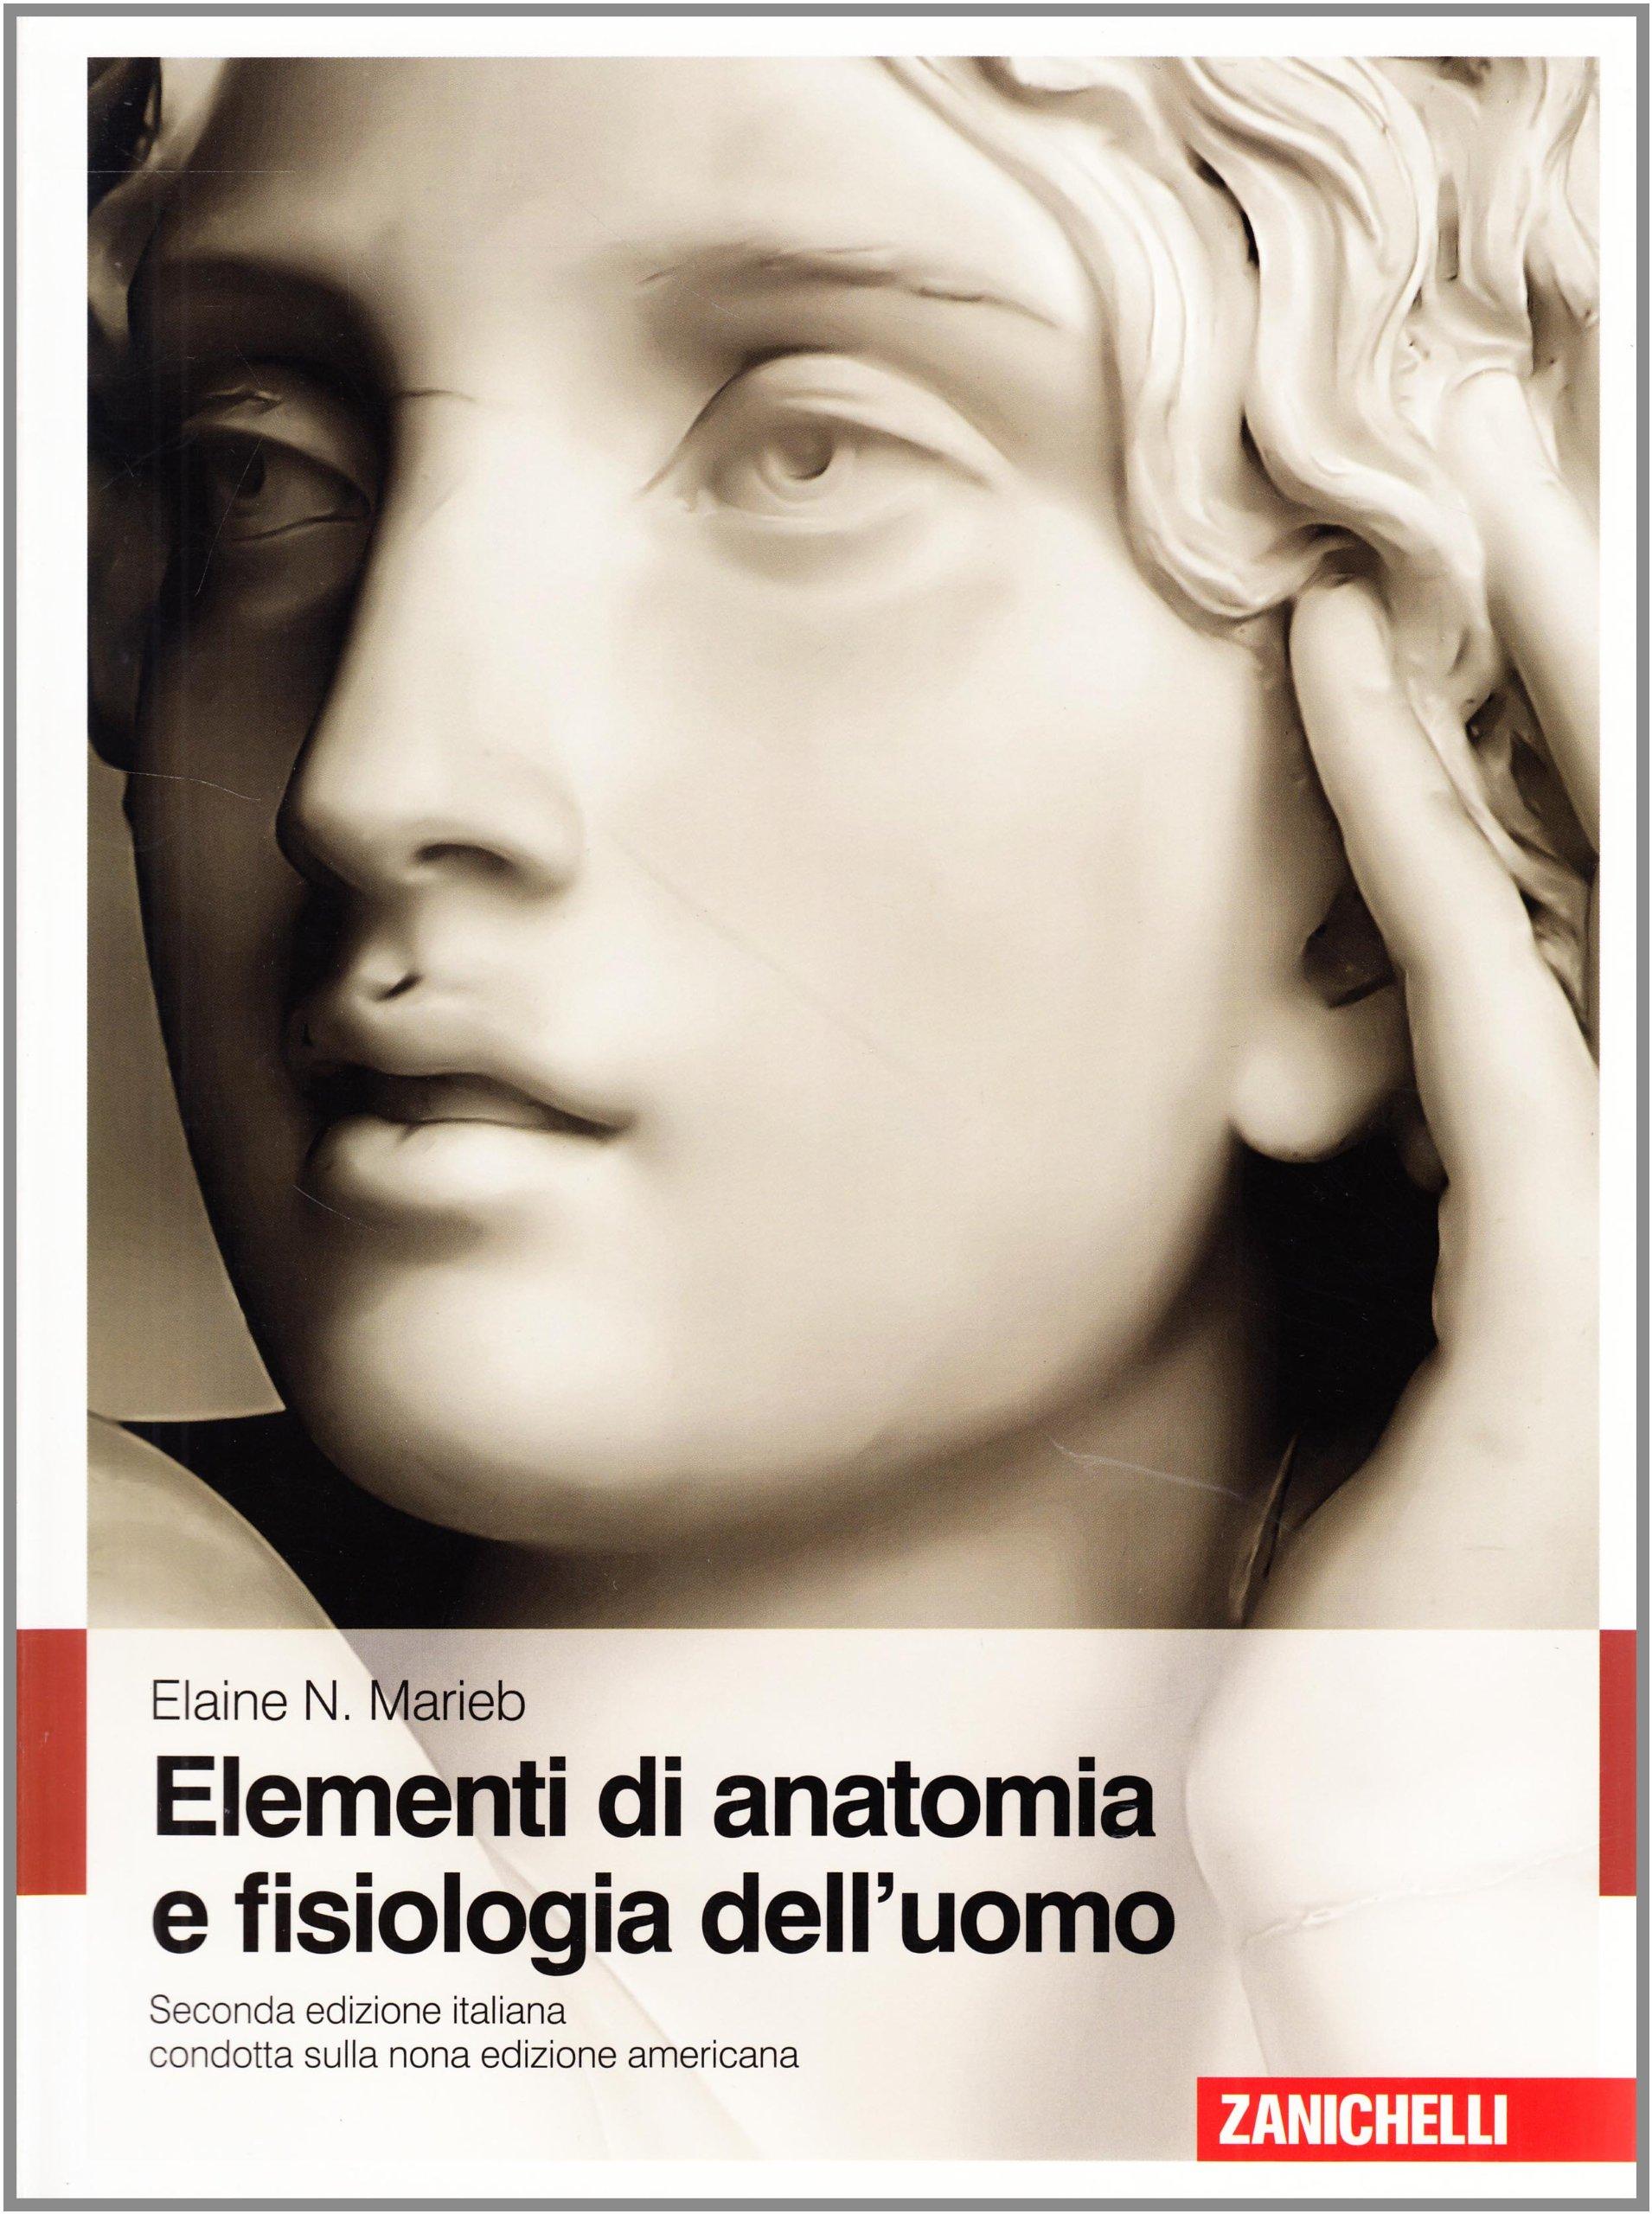 Elementi di anatomia e fisiologia dell\'uomo: Amazon.it: Elaine N ...